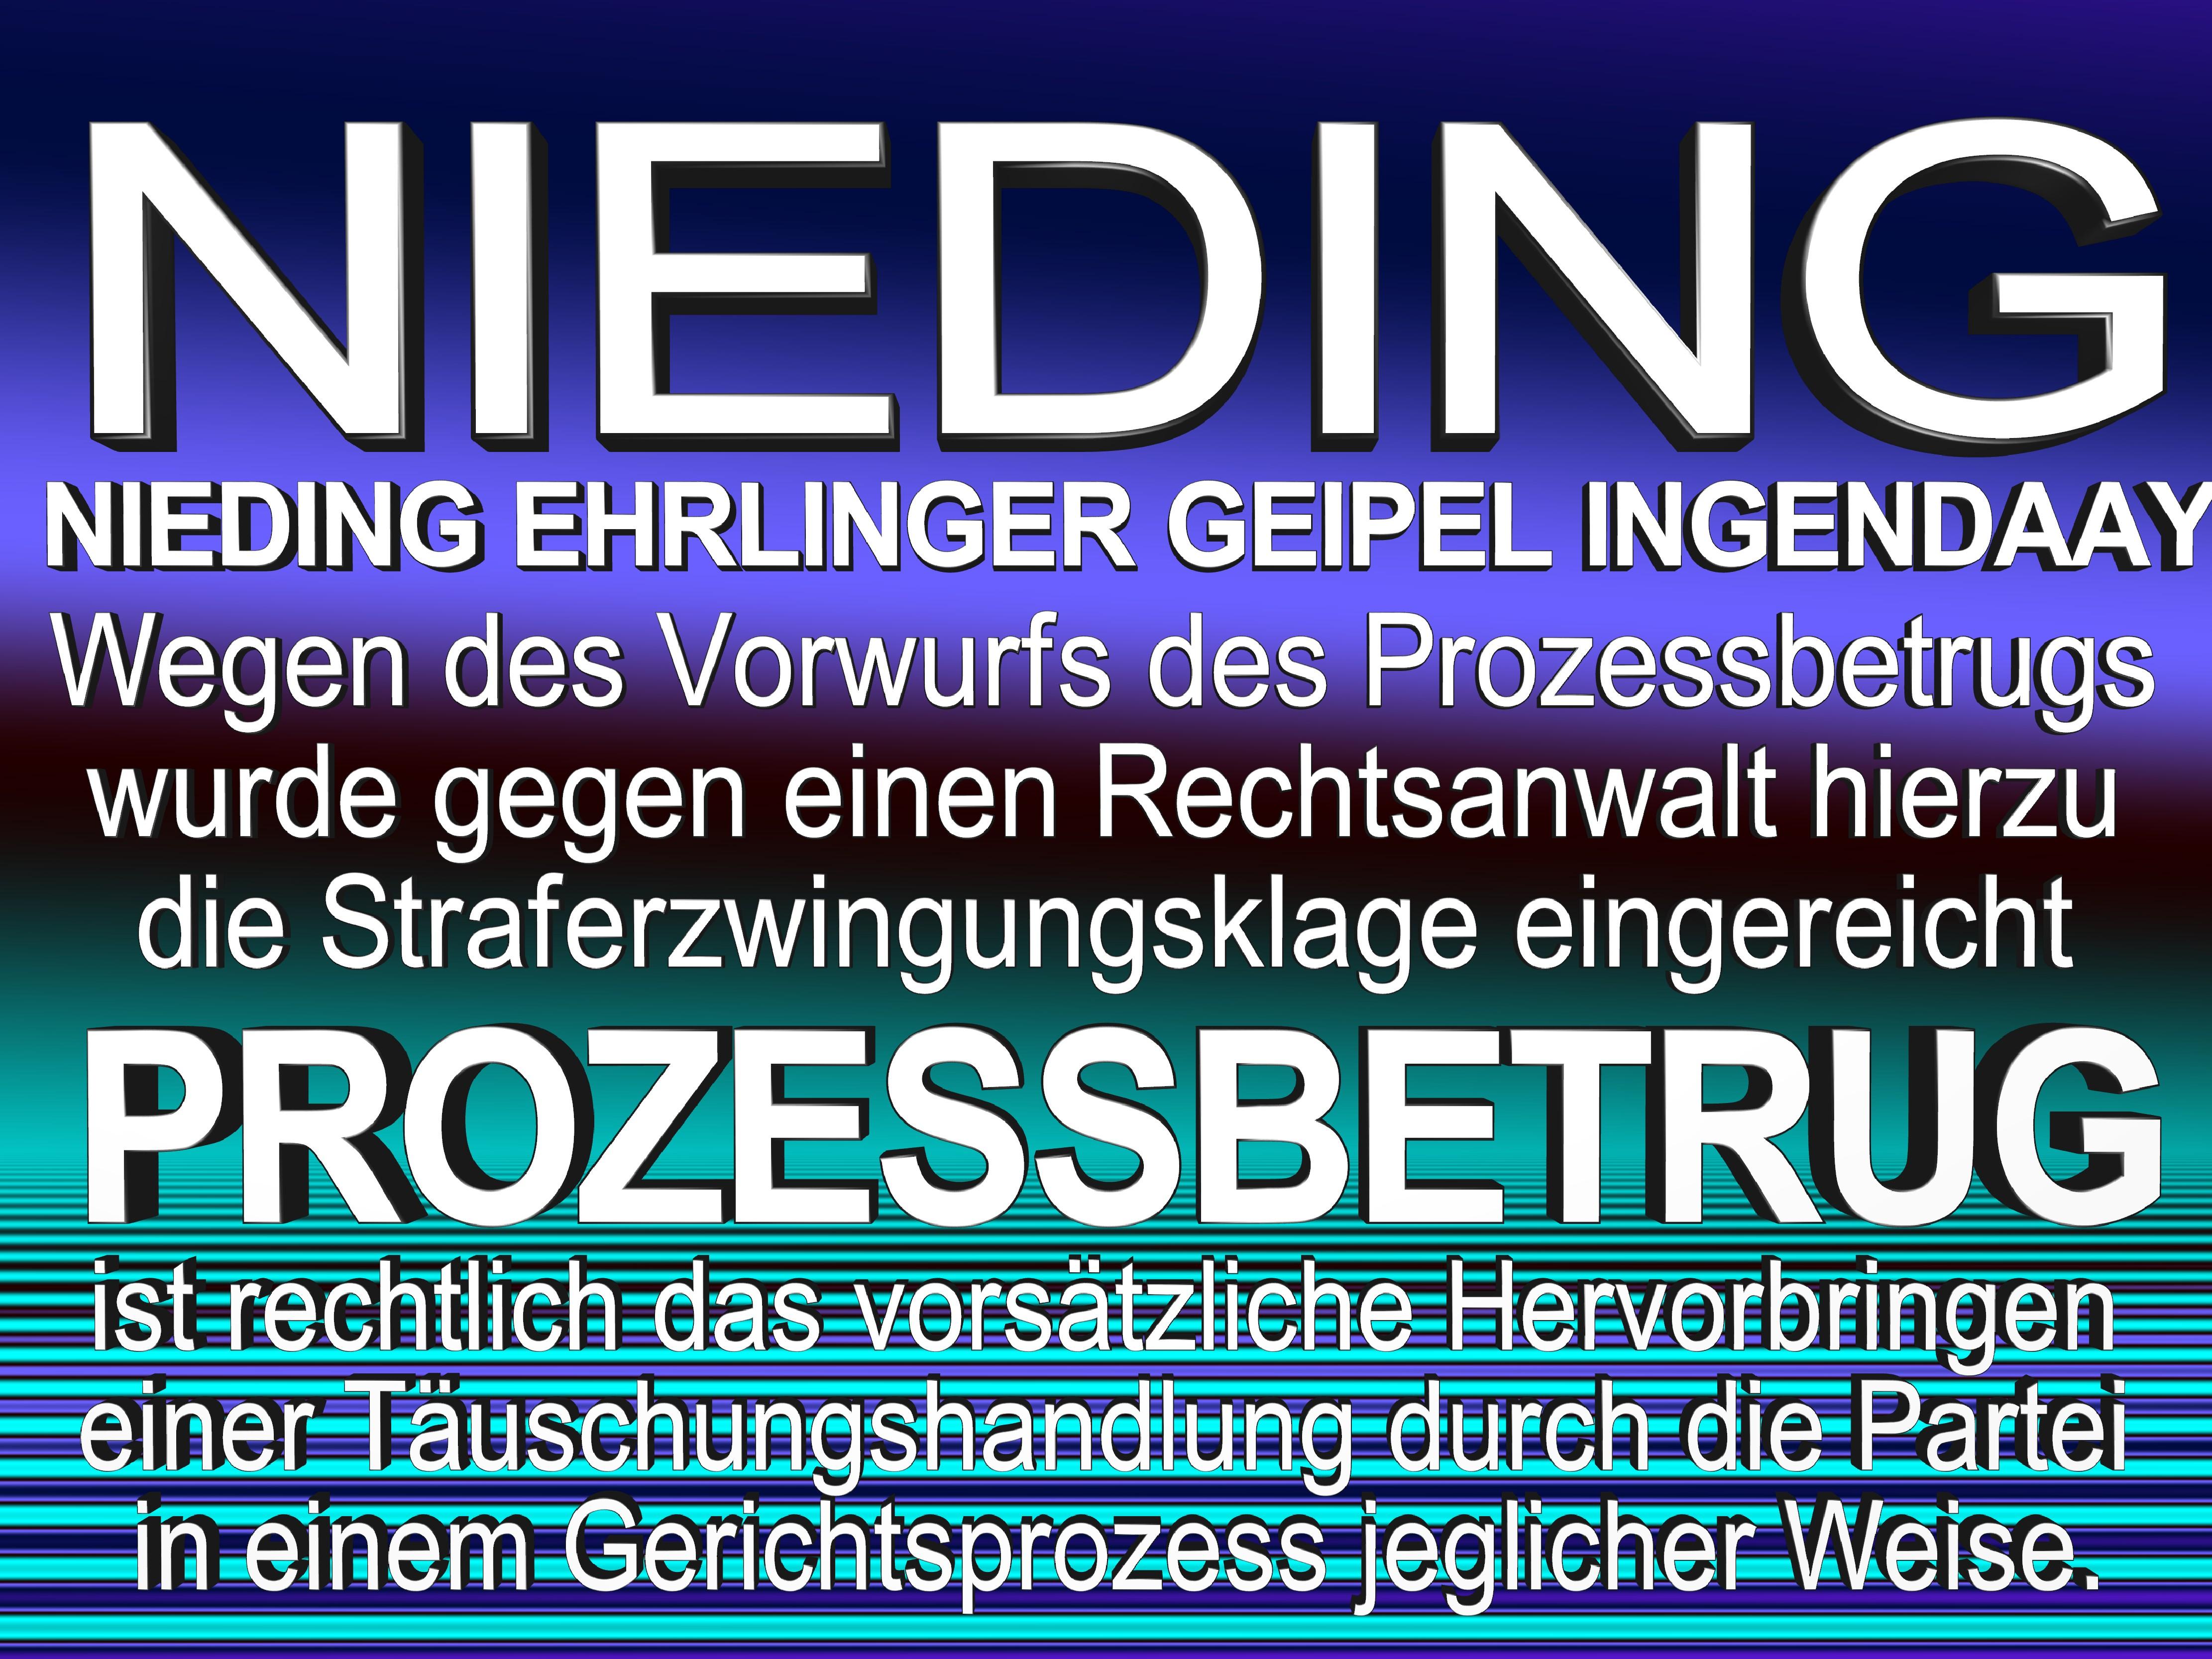 NIEDING EHRLINGER GEIPEL INGENDAAY LELKE Kurfürstendamm 66 Berlin (54)